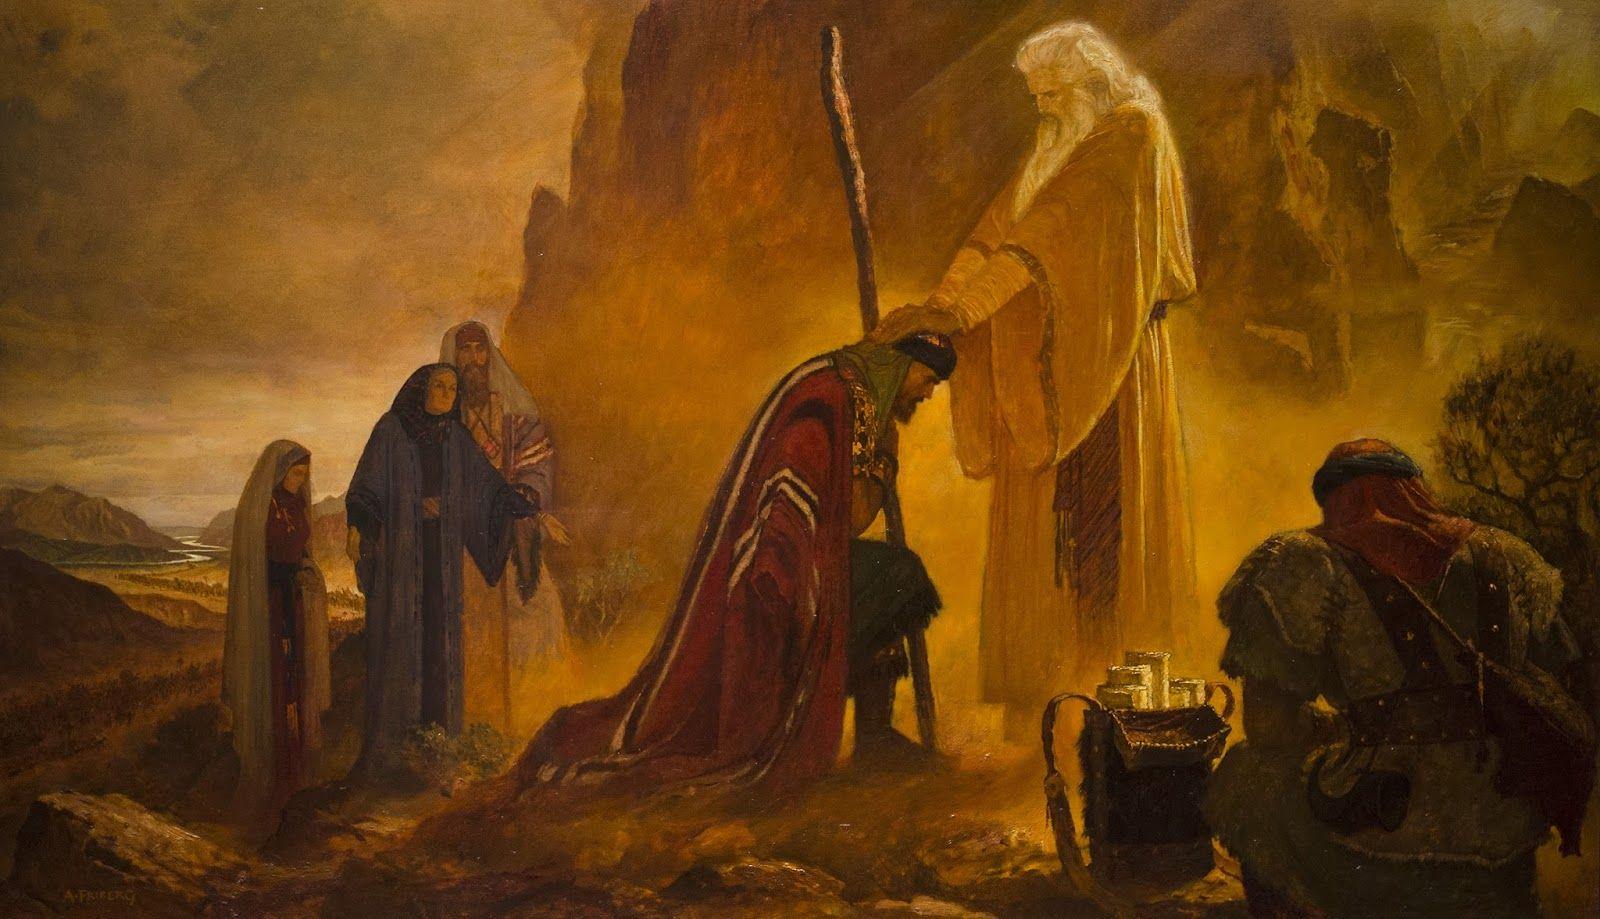 """Résultat de recherche d'images pour """"Arnold Friberg peintures Moïse"""""""